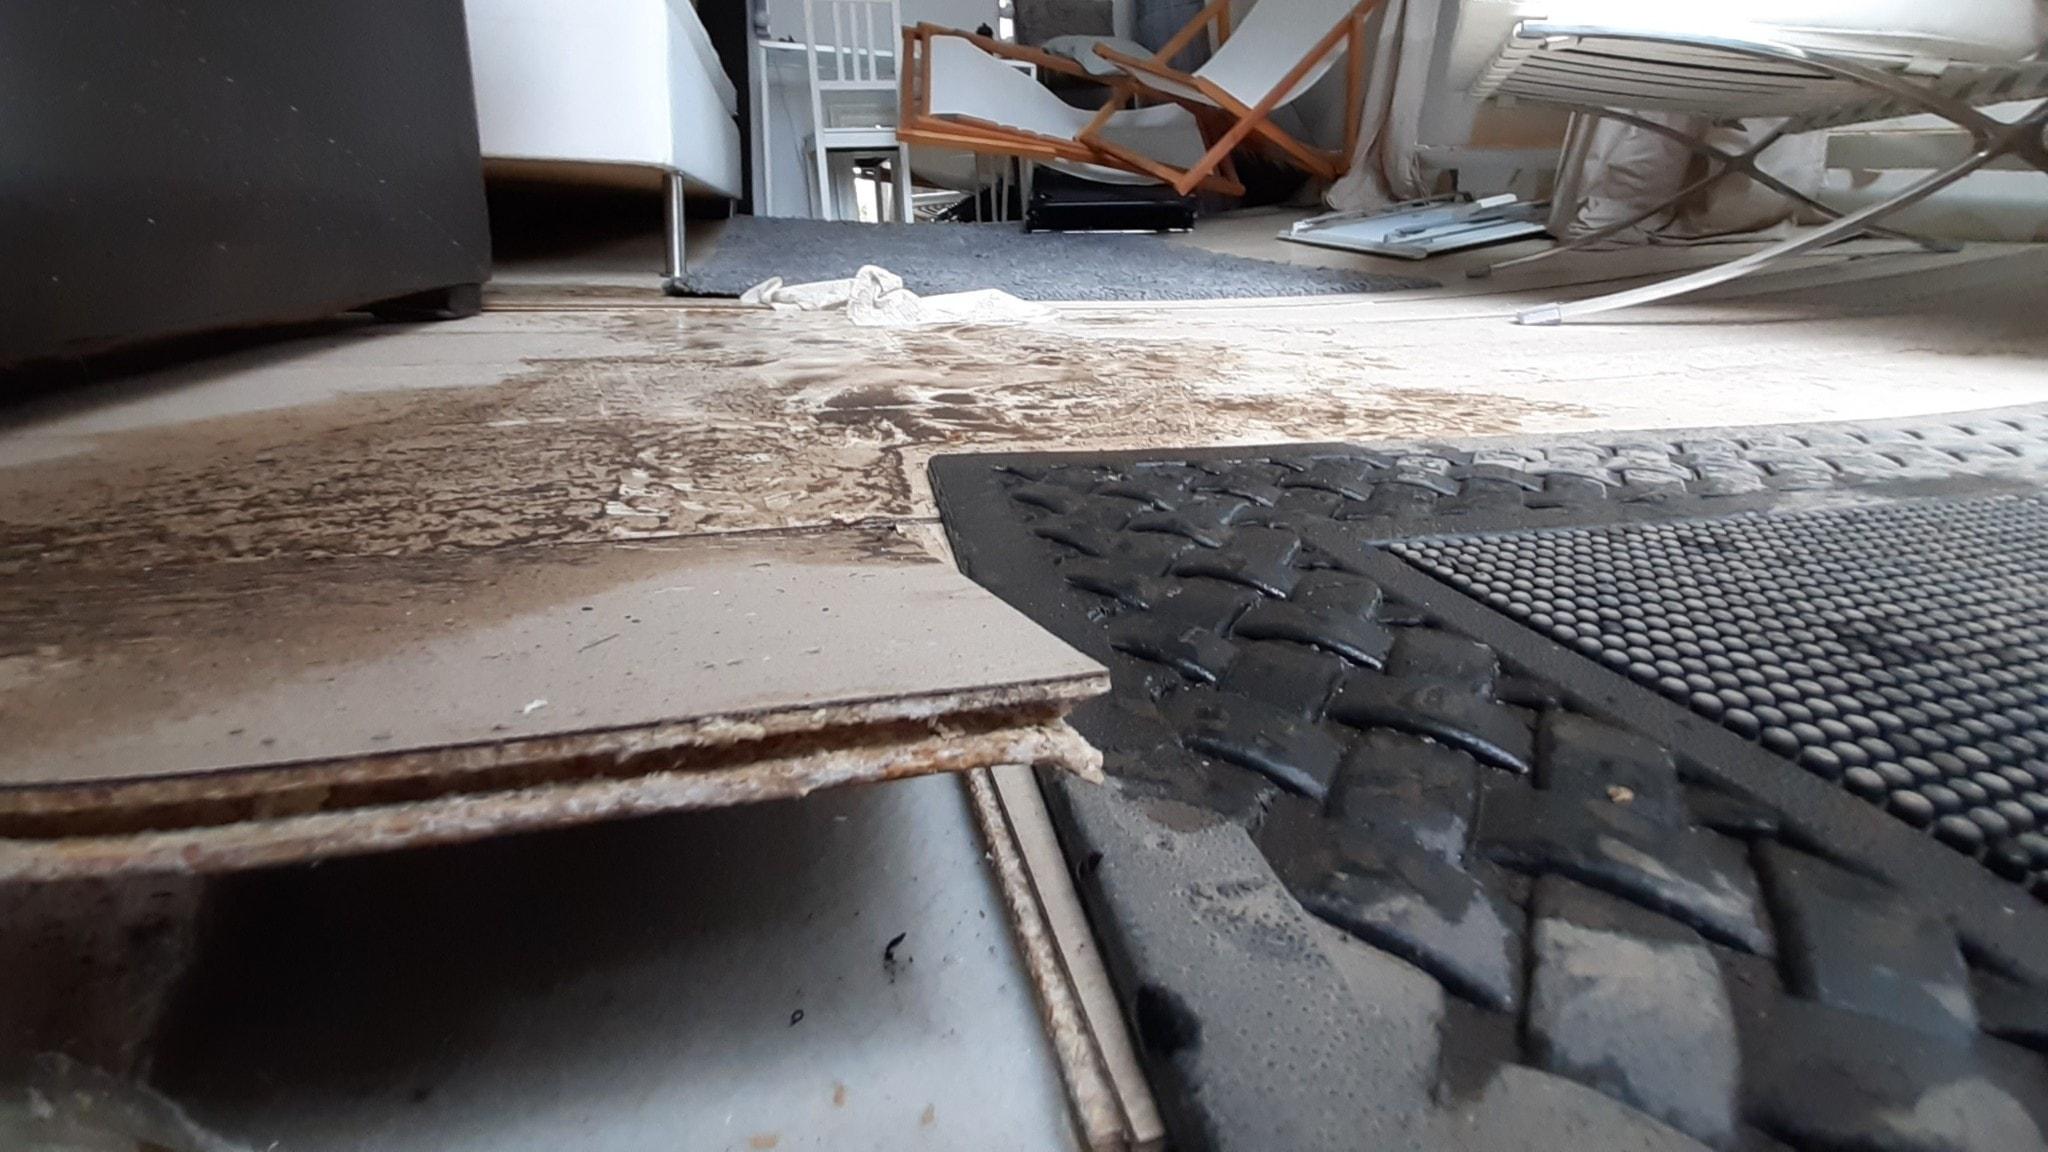 Förstört golv efter översvämning